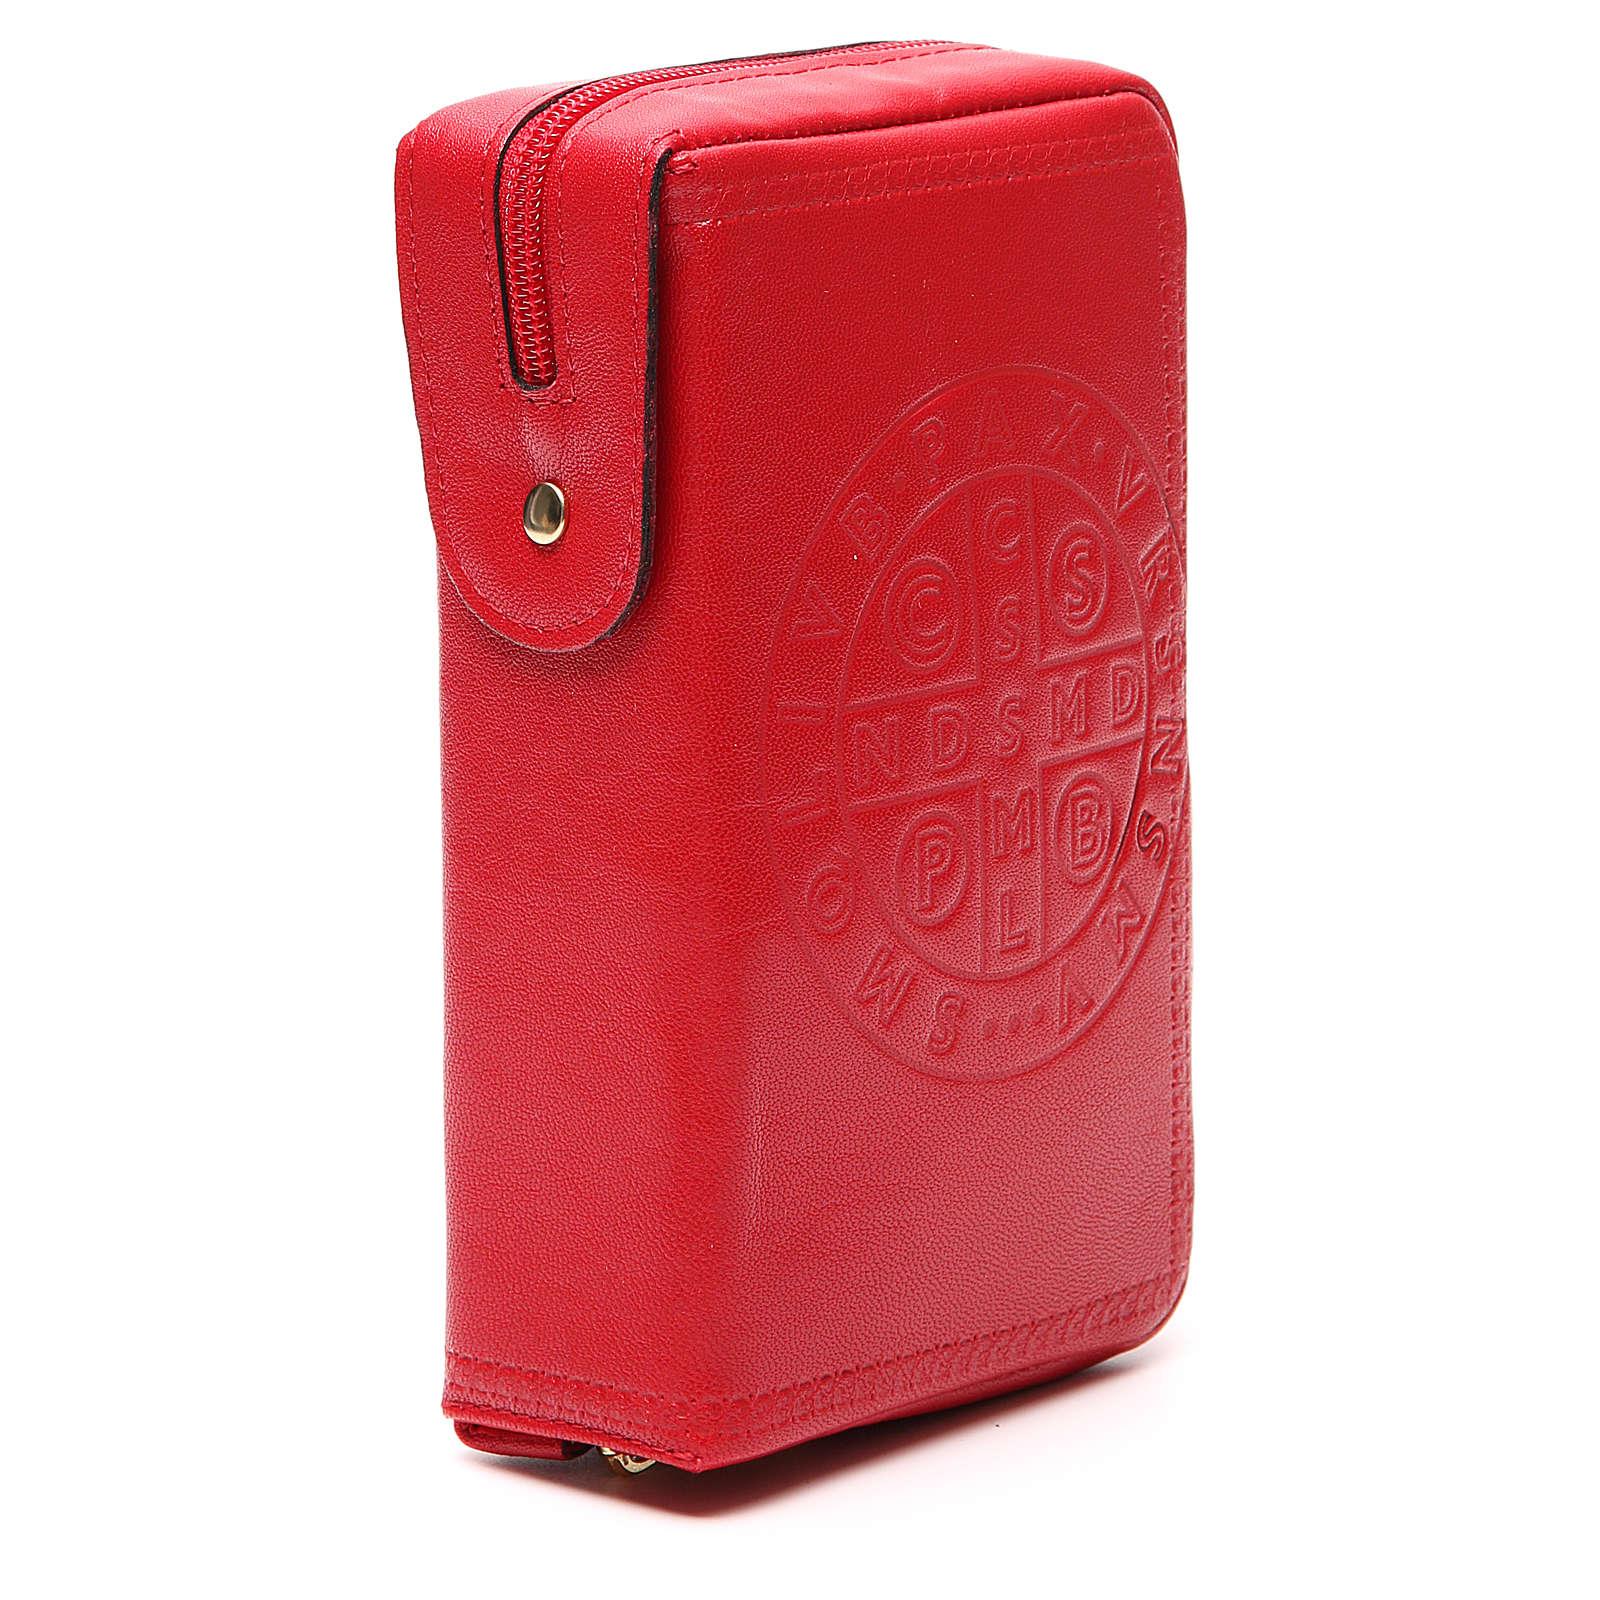 Custodia Lit. Vol. unico rosso S. Benedetto 4